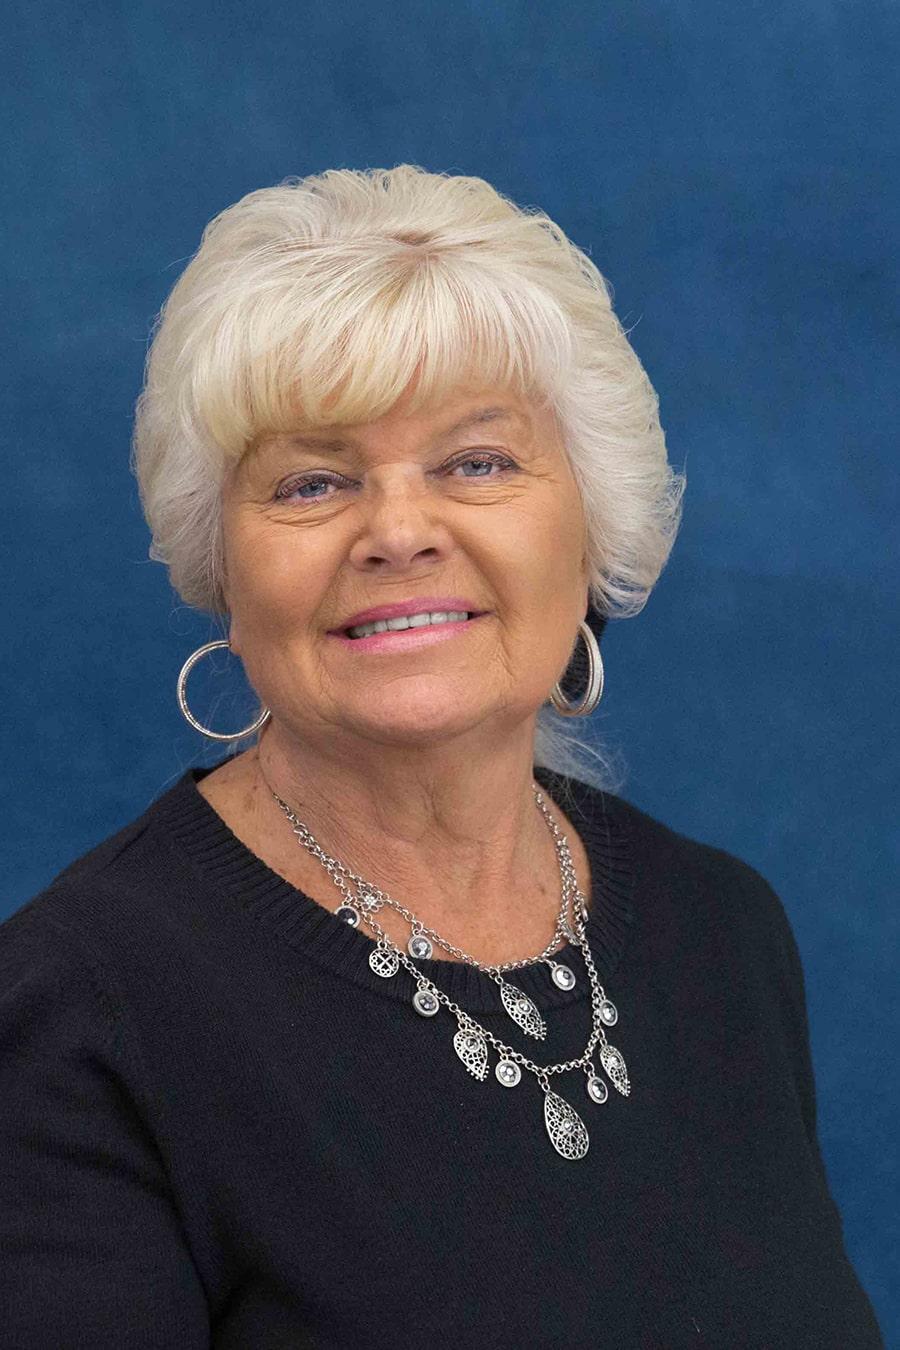 Liz McGarvey